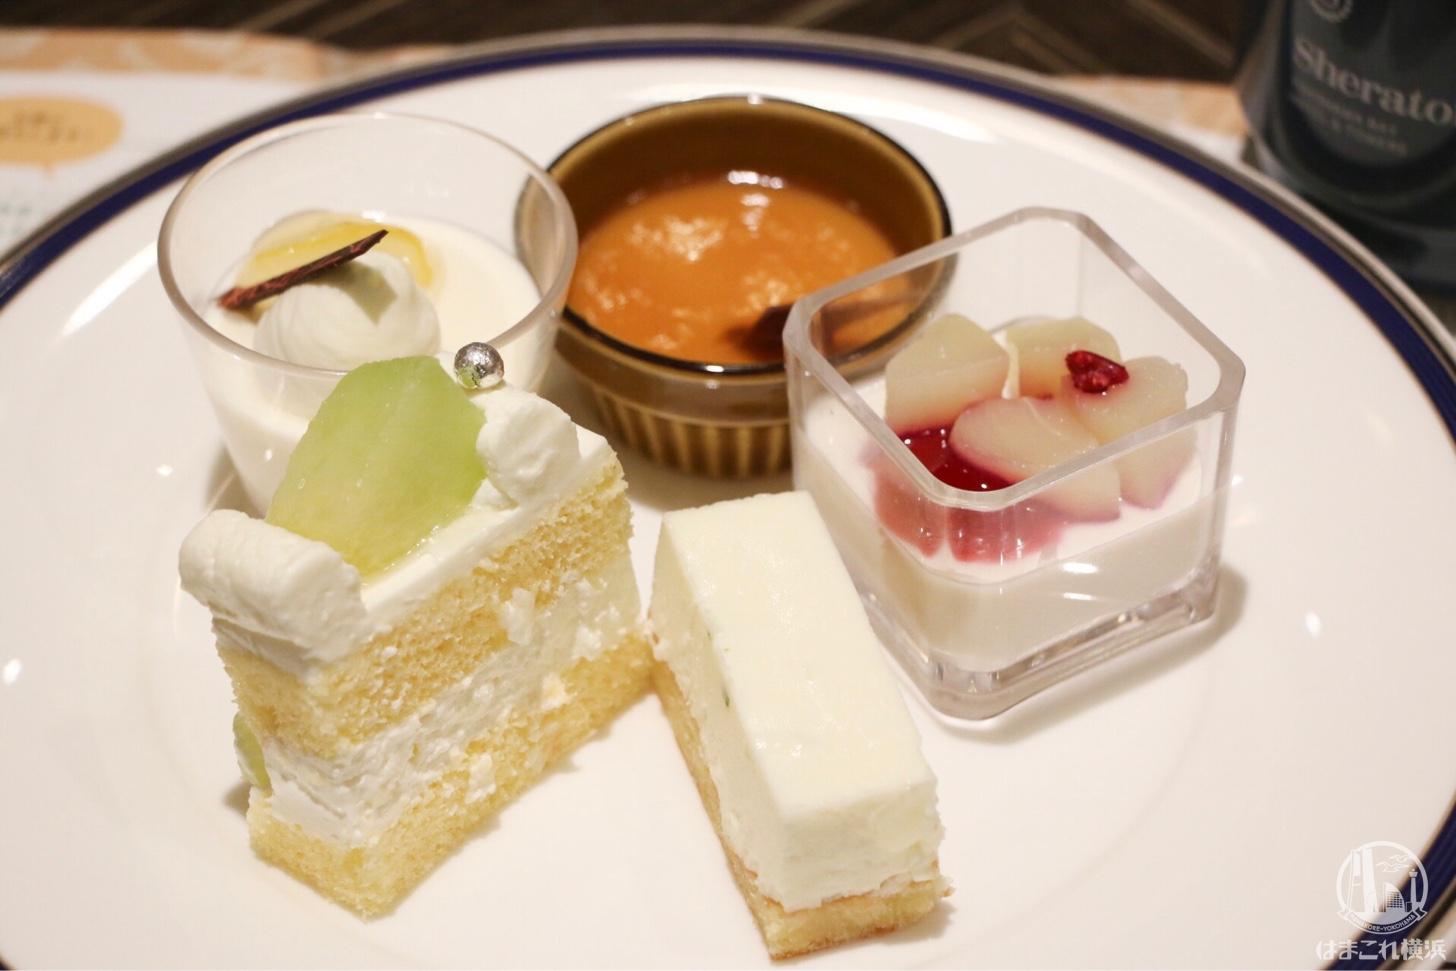 熊本メロンのショートケーキ・大分県産カボス風味 ホワイトチョコレートムース・豆乳パンナコッタ 大分県産カトレア醤油ソースなど